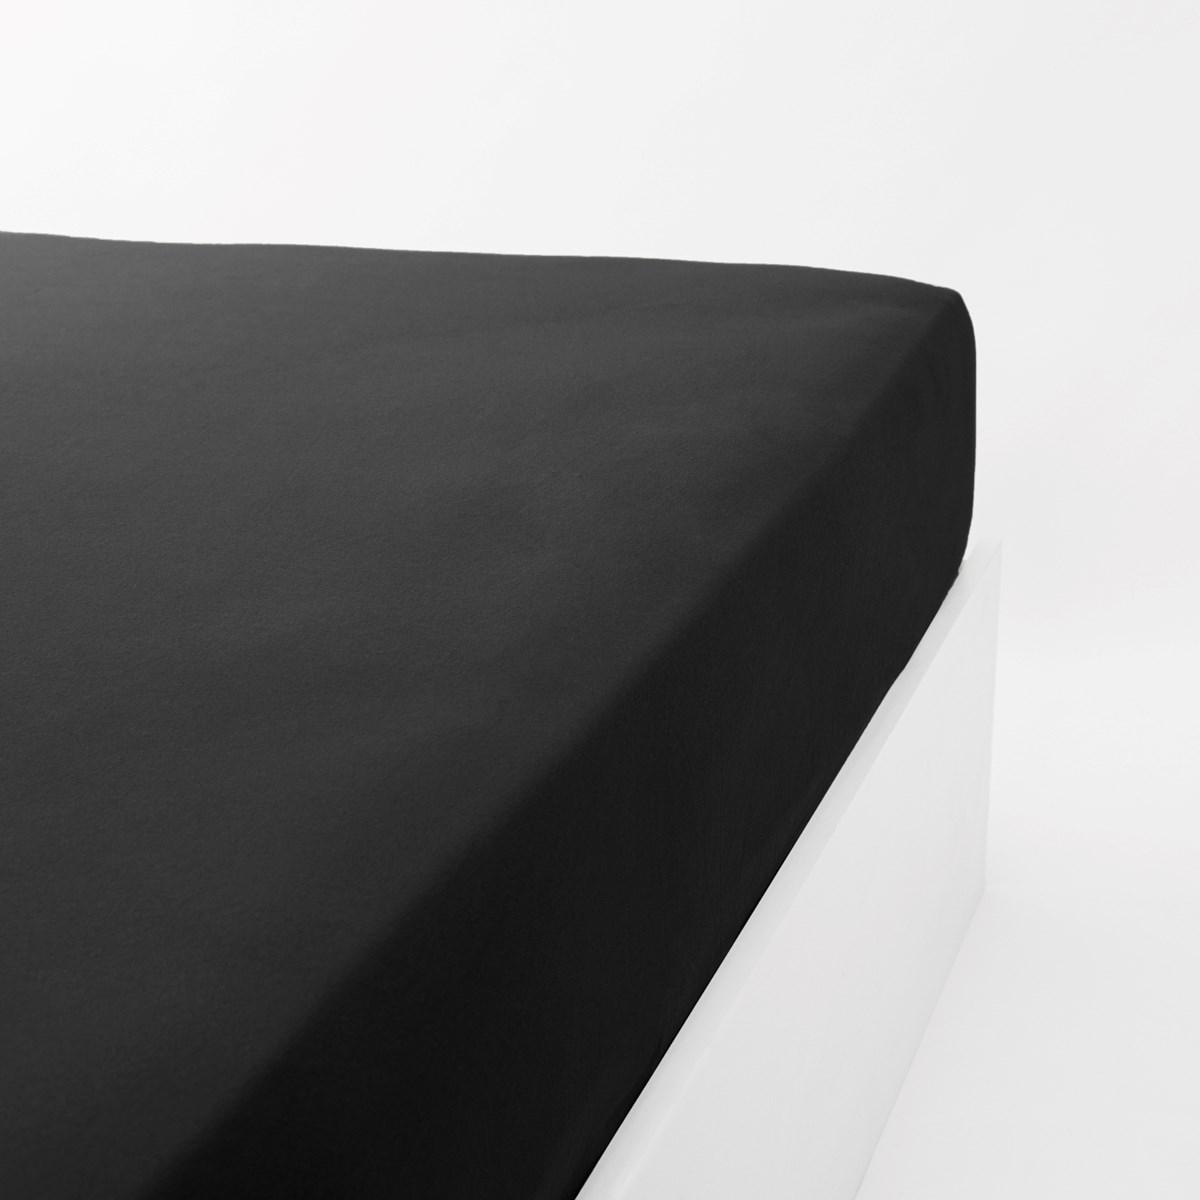 Drap housse jersey extensible en coton noir 90x190 cm